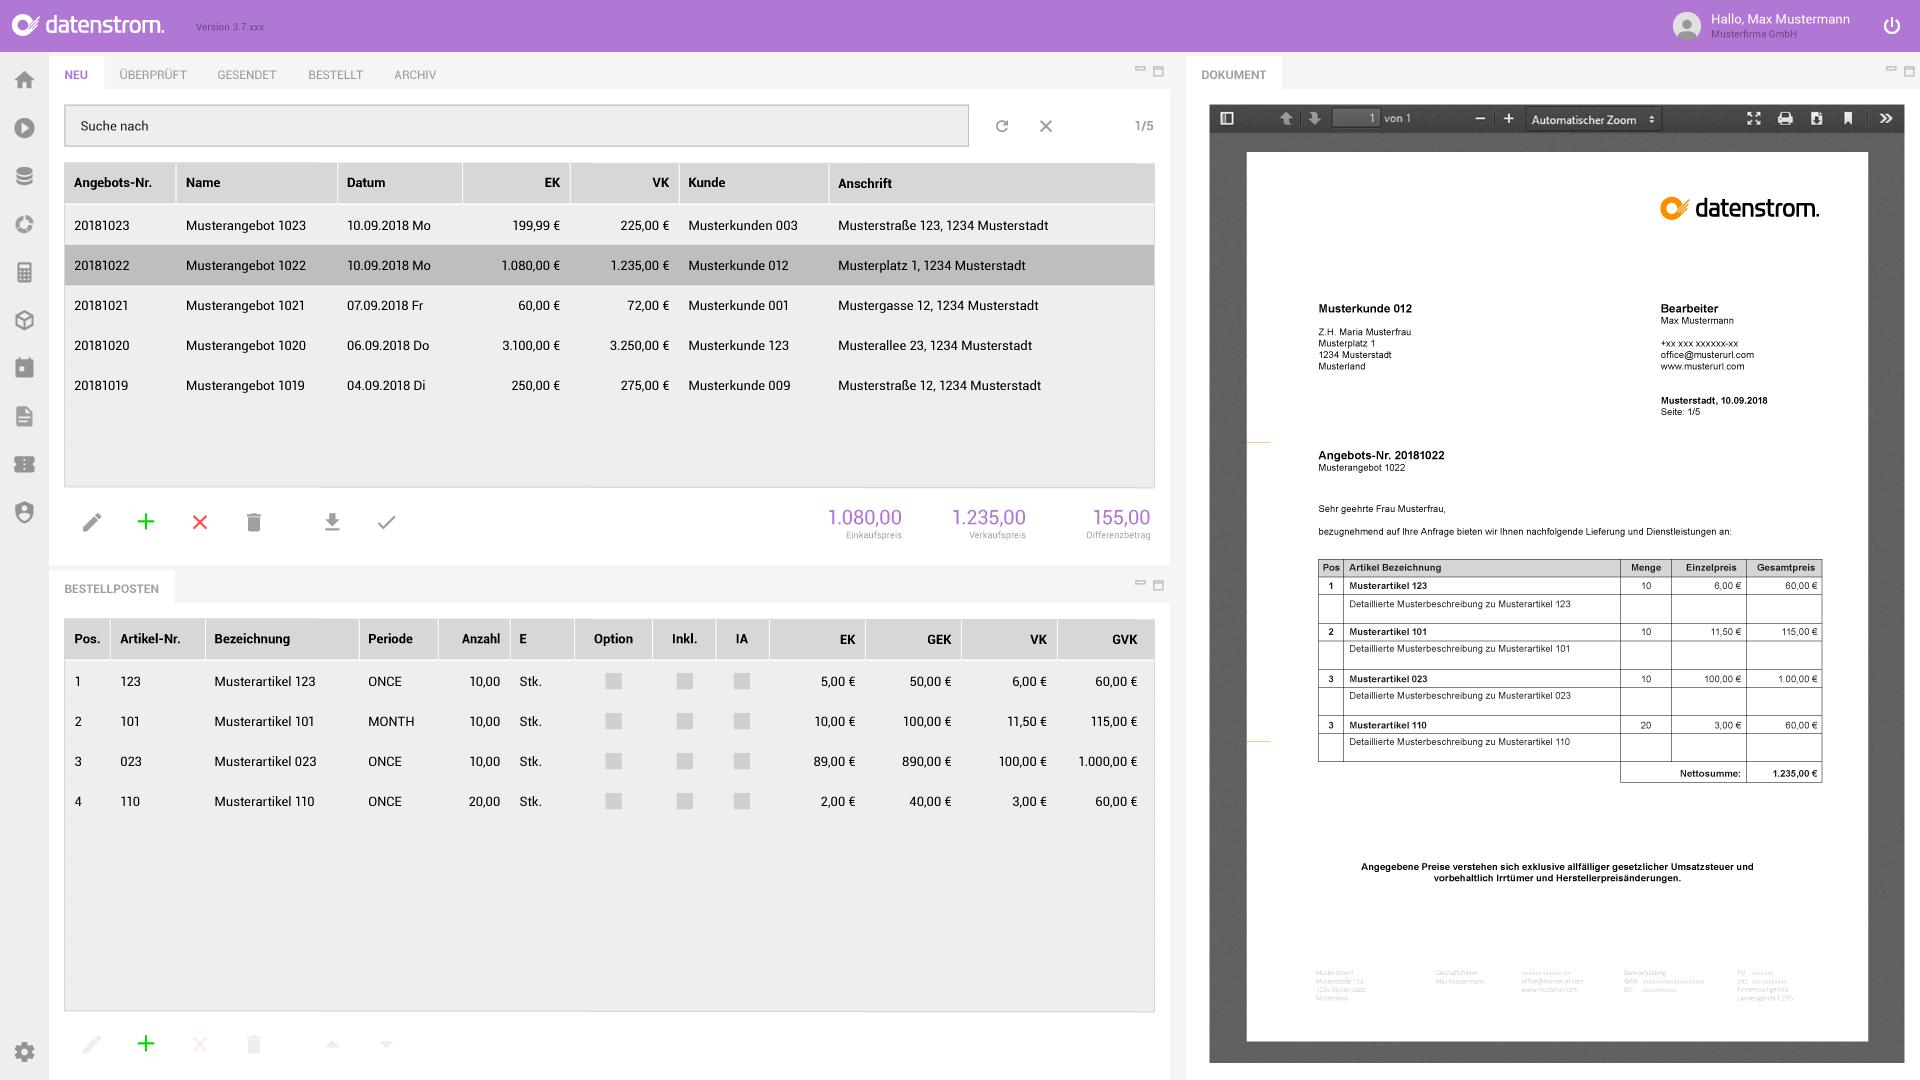 Angebote In Rekordzeit Erstellen Datenstrom